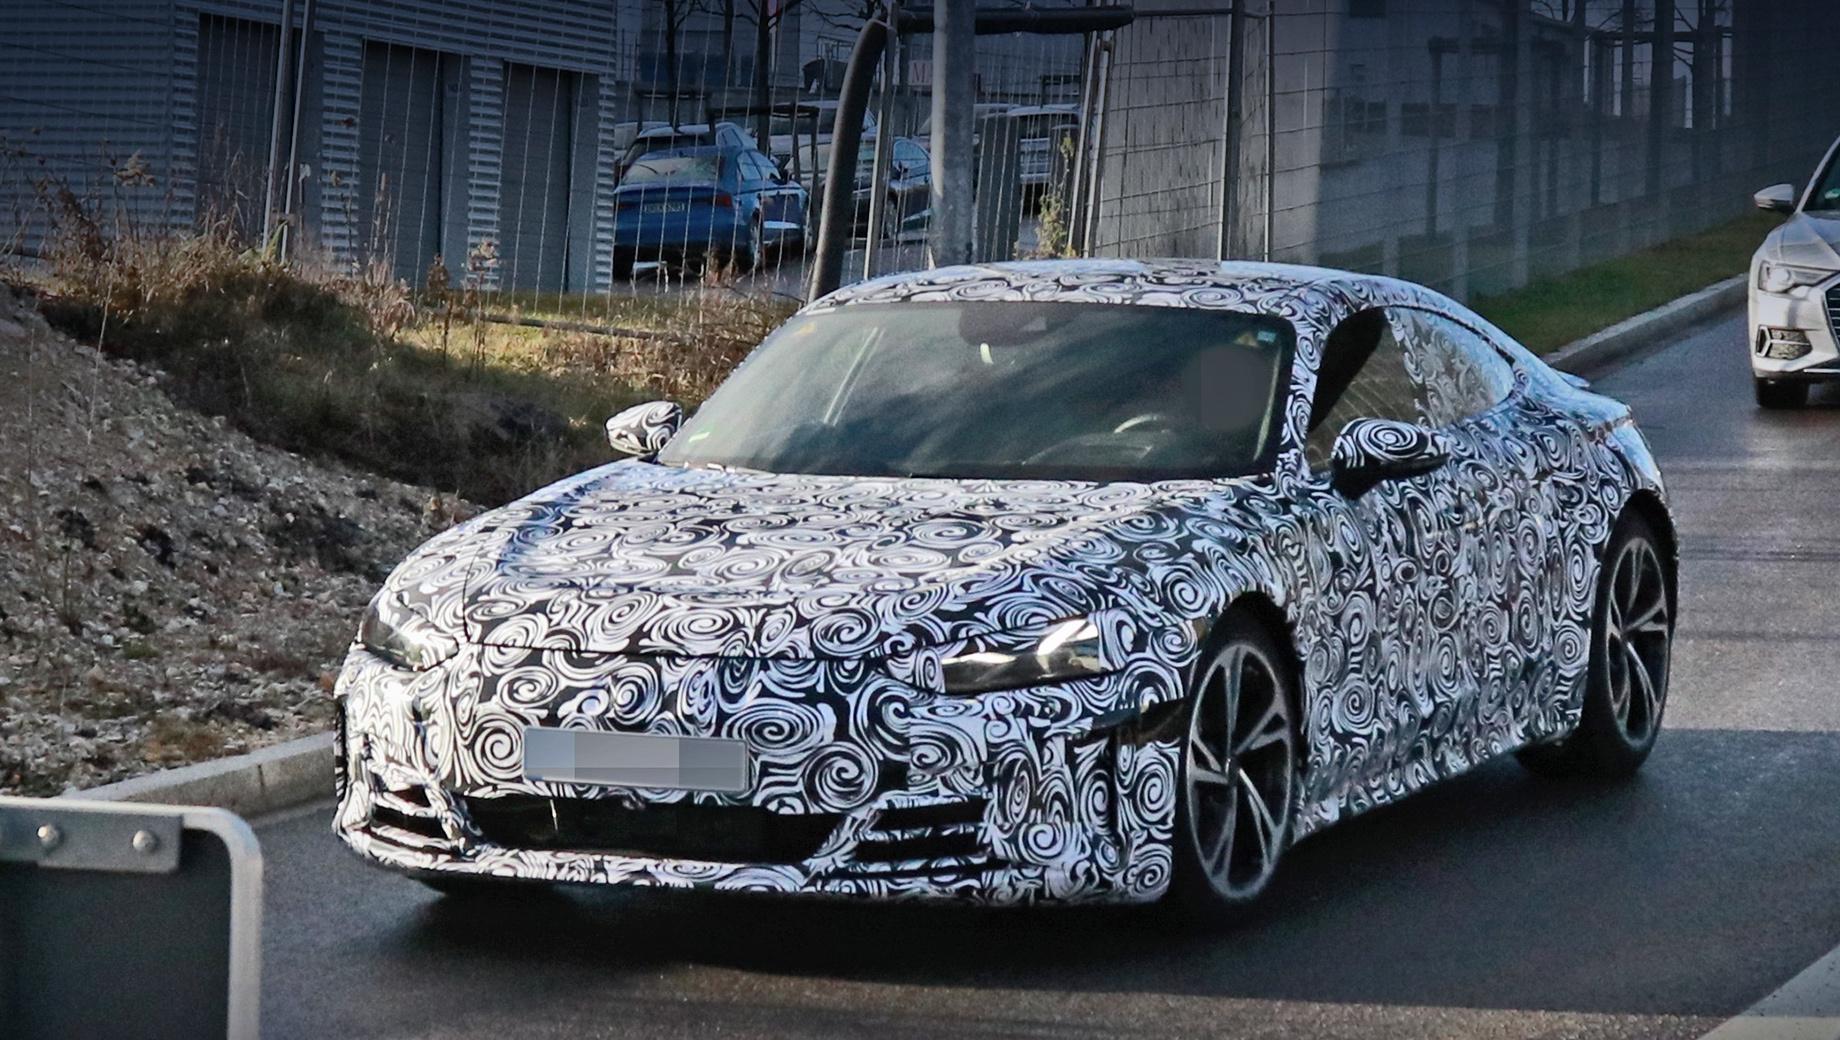 Audi e-tron,Audi e-tron gt. Премьера этого электрокара под названием e-tron GT может состояться до конца текущего года.